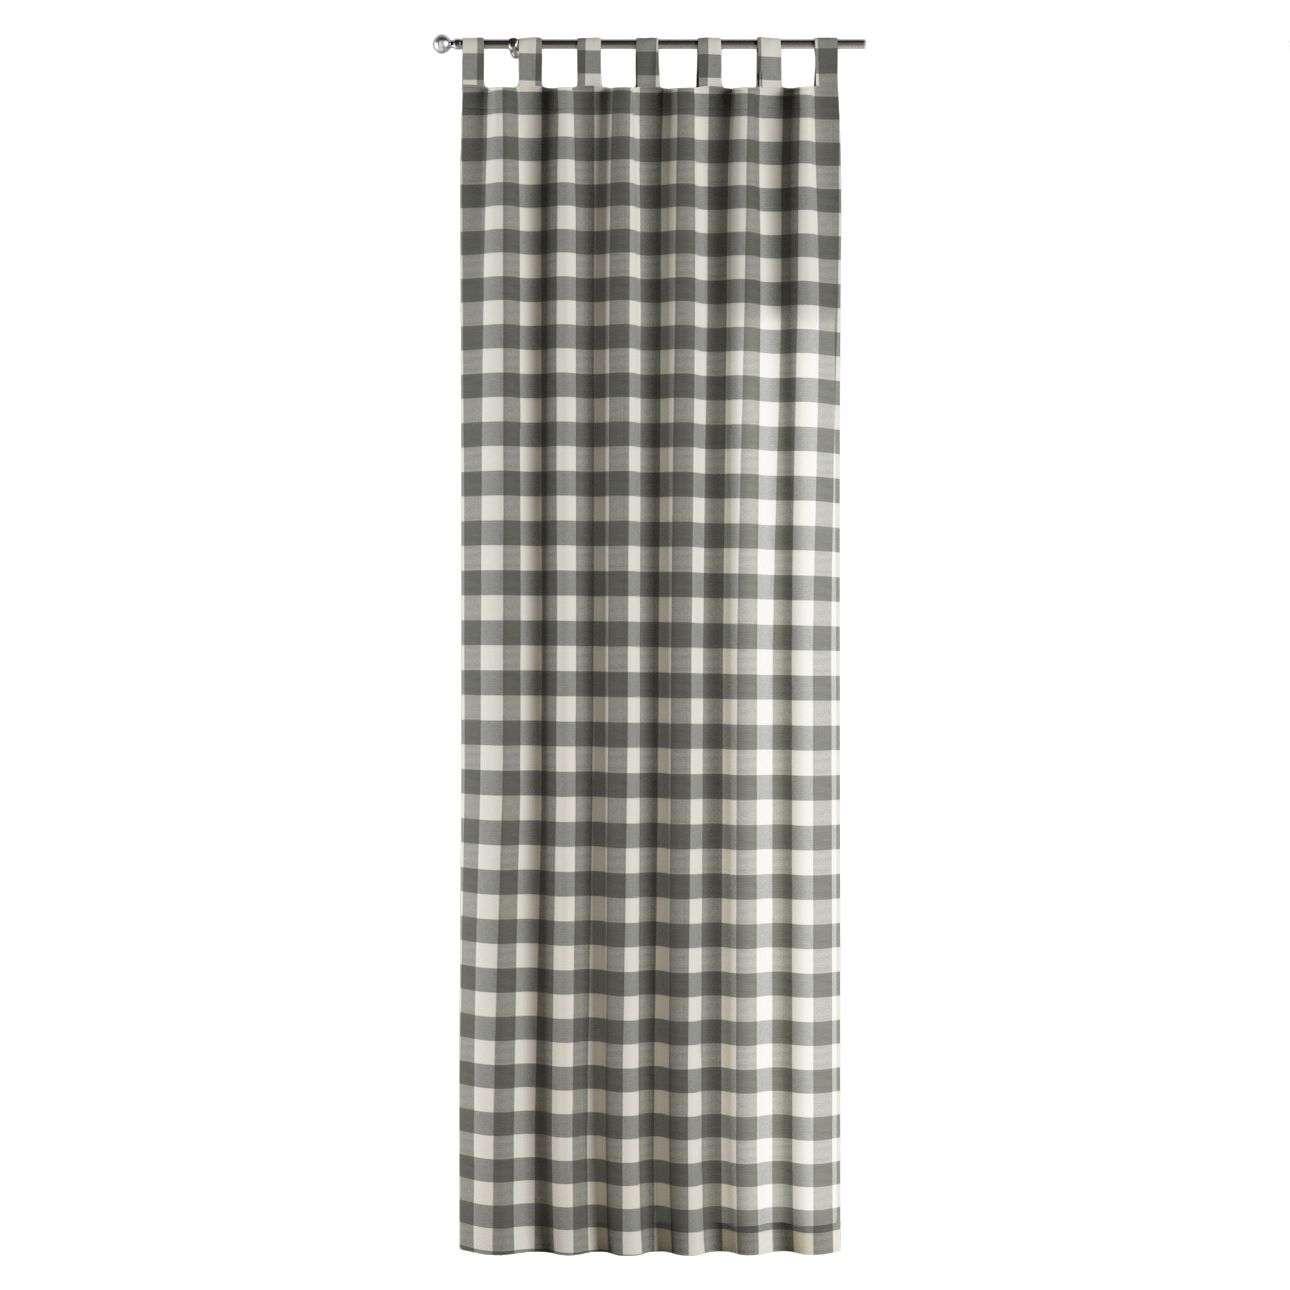 Gardin med stropper 1 stk. fra kolleksjonen Quadro, Stoffets bredde: 136-13